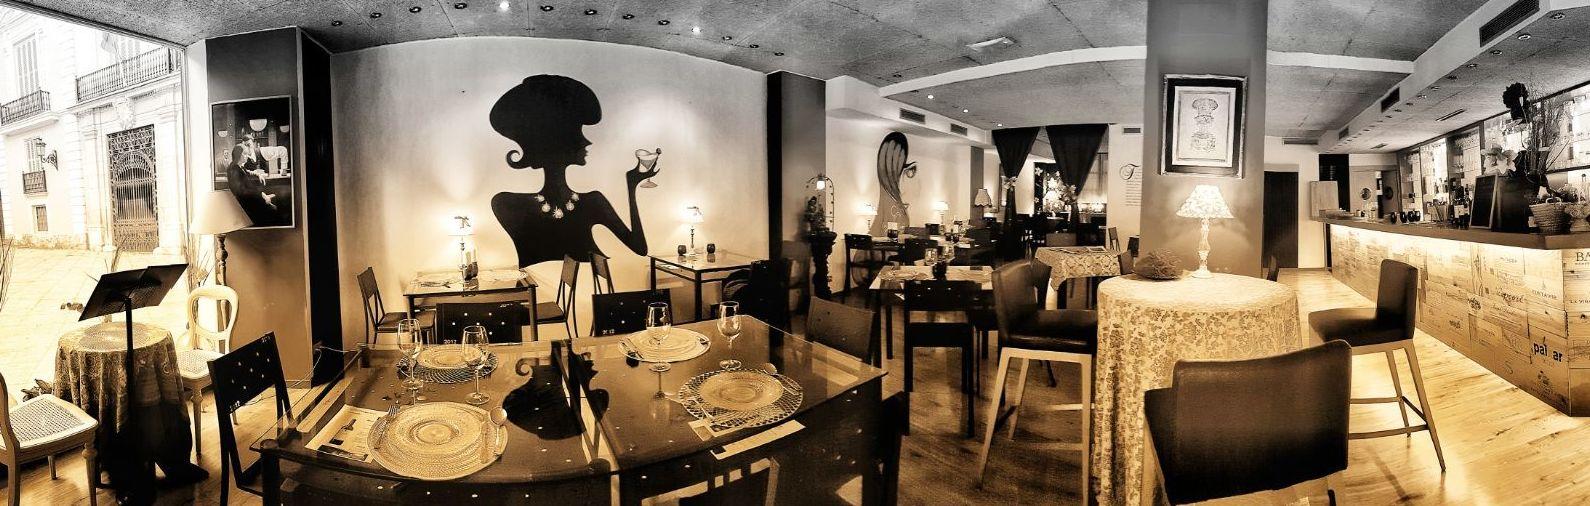 Foto 4 de Restaurante en Valencia | LOURDES ILLUECA DOBÓN